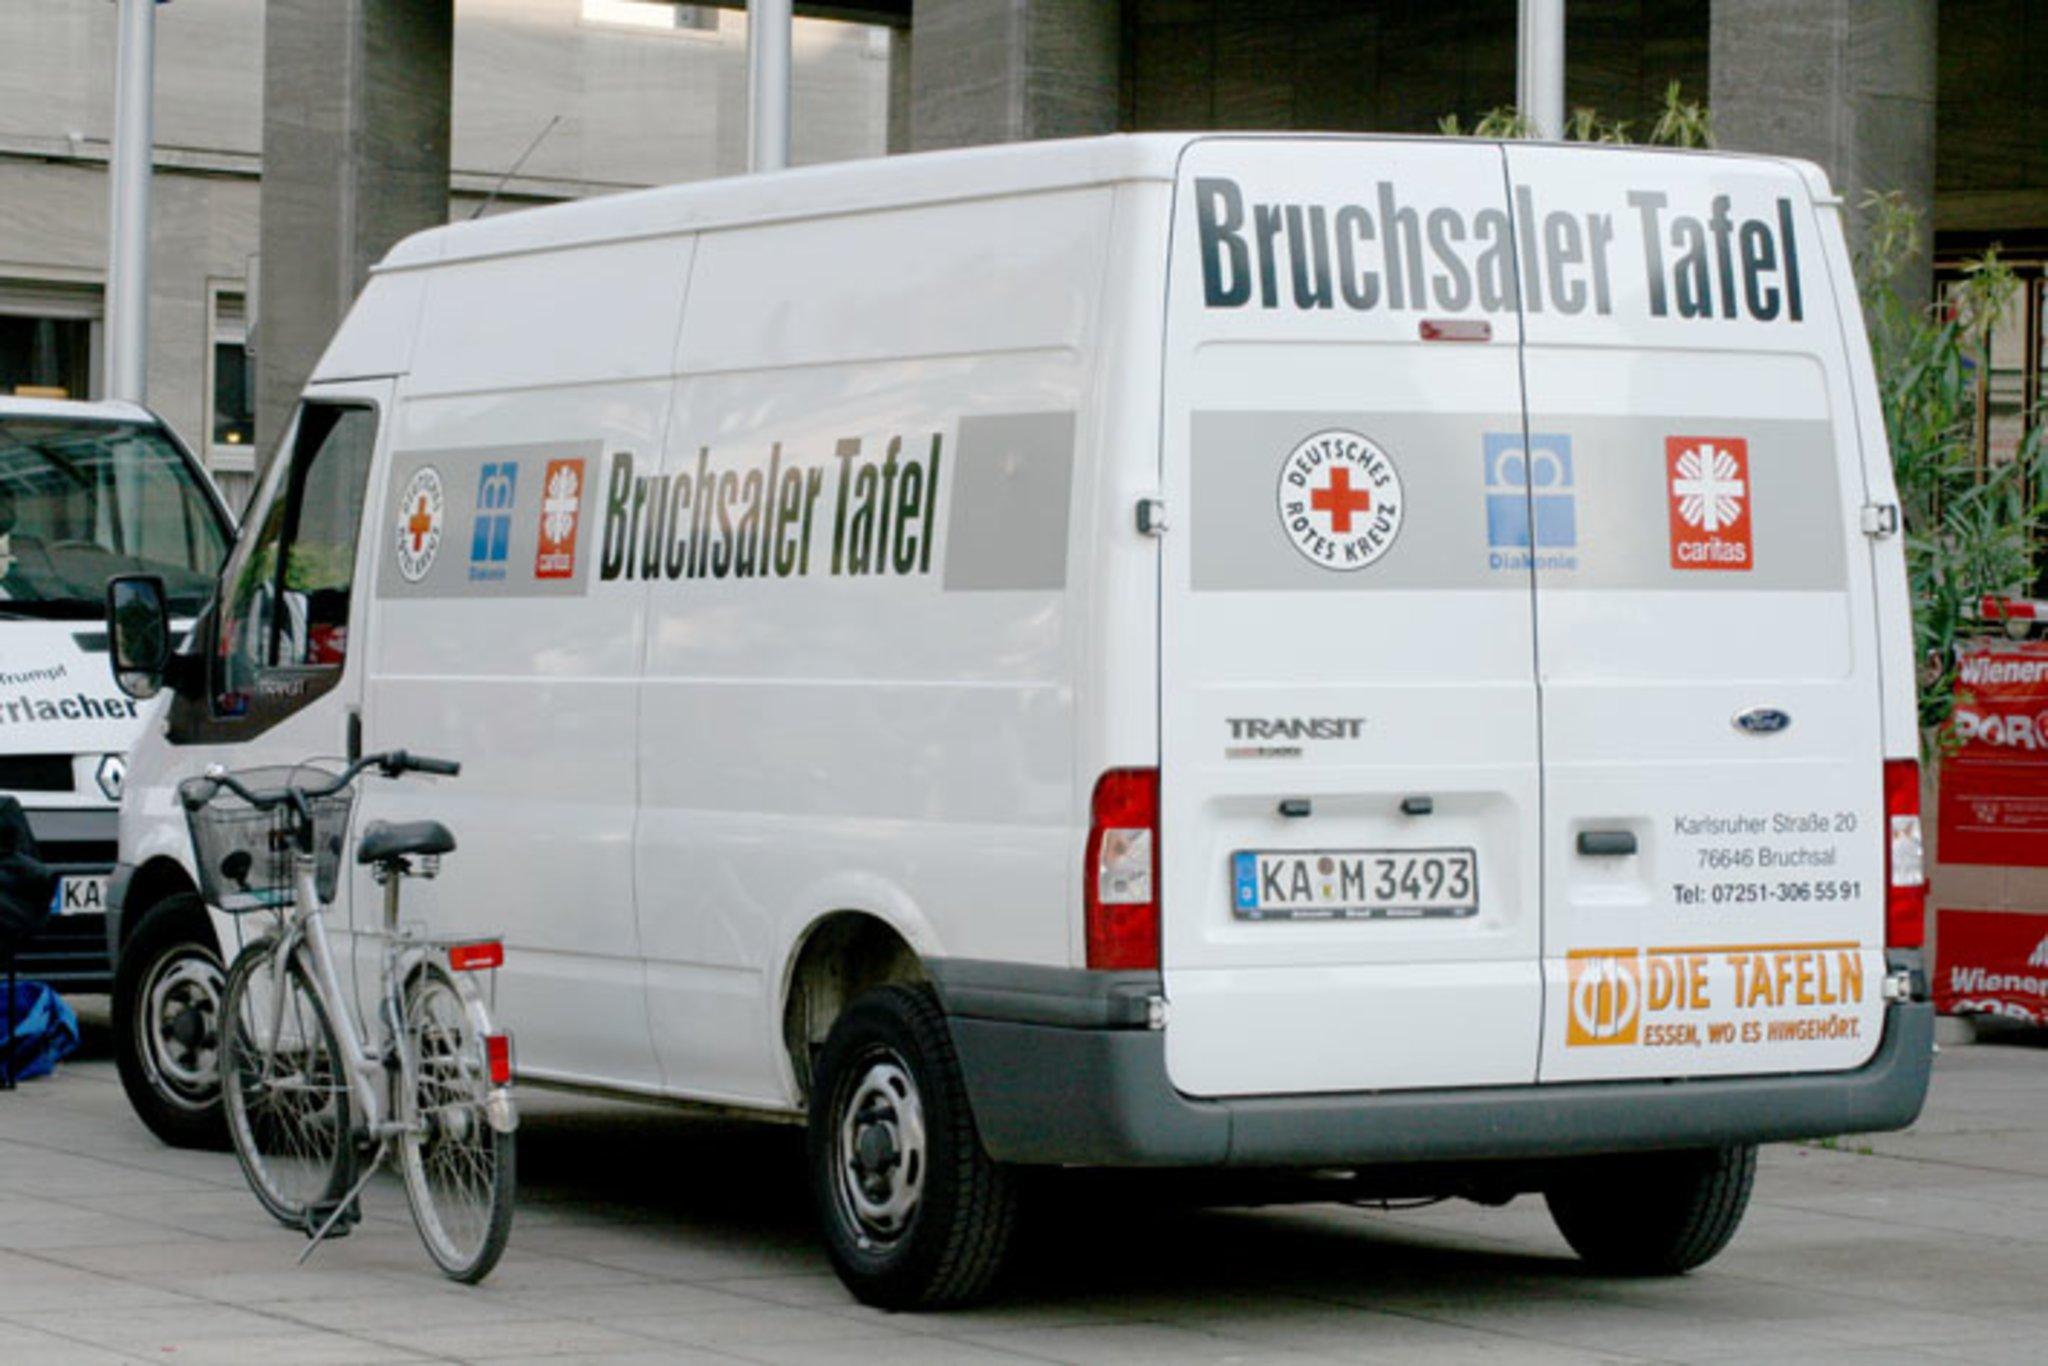 Tafelläden im Landkreis Karlsruhe-Nord weiterhin geöffnet ...